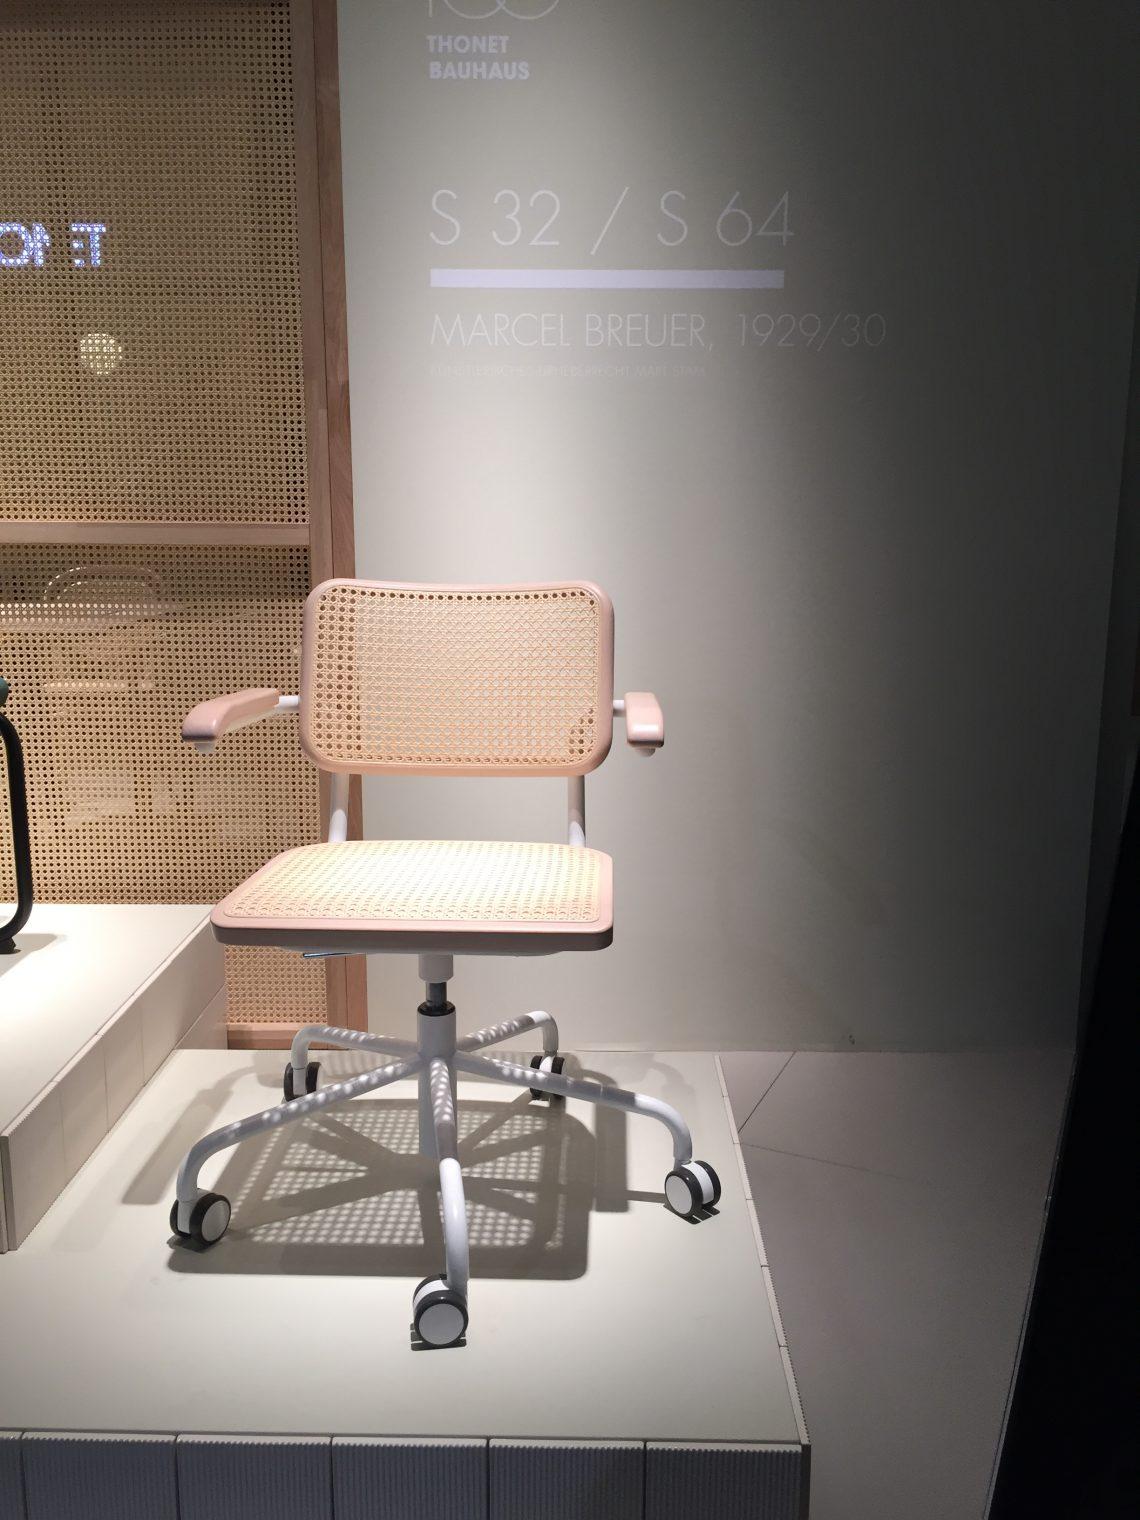 Fabrikant: Thonet, met meer dan 200 jaar Design historie.